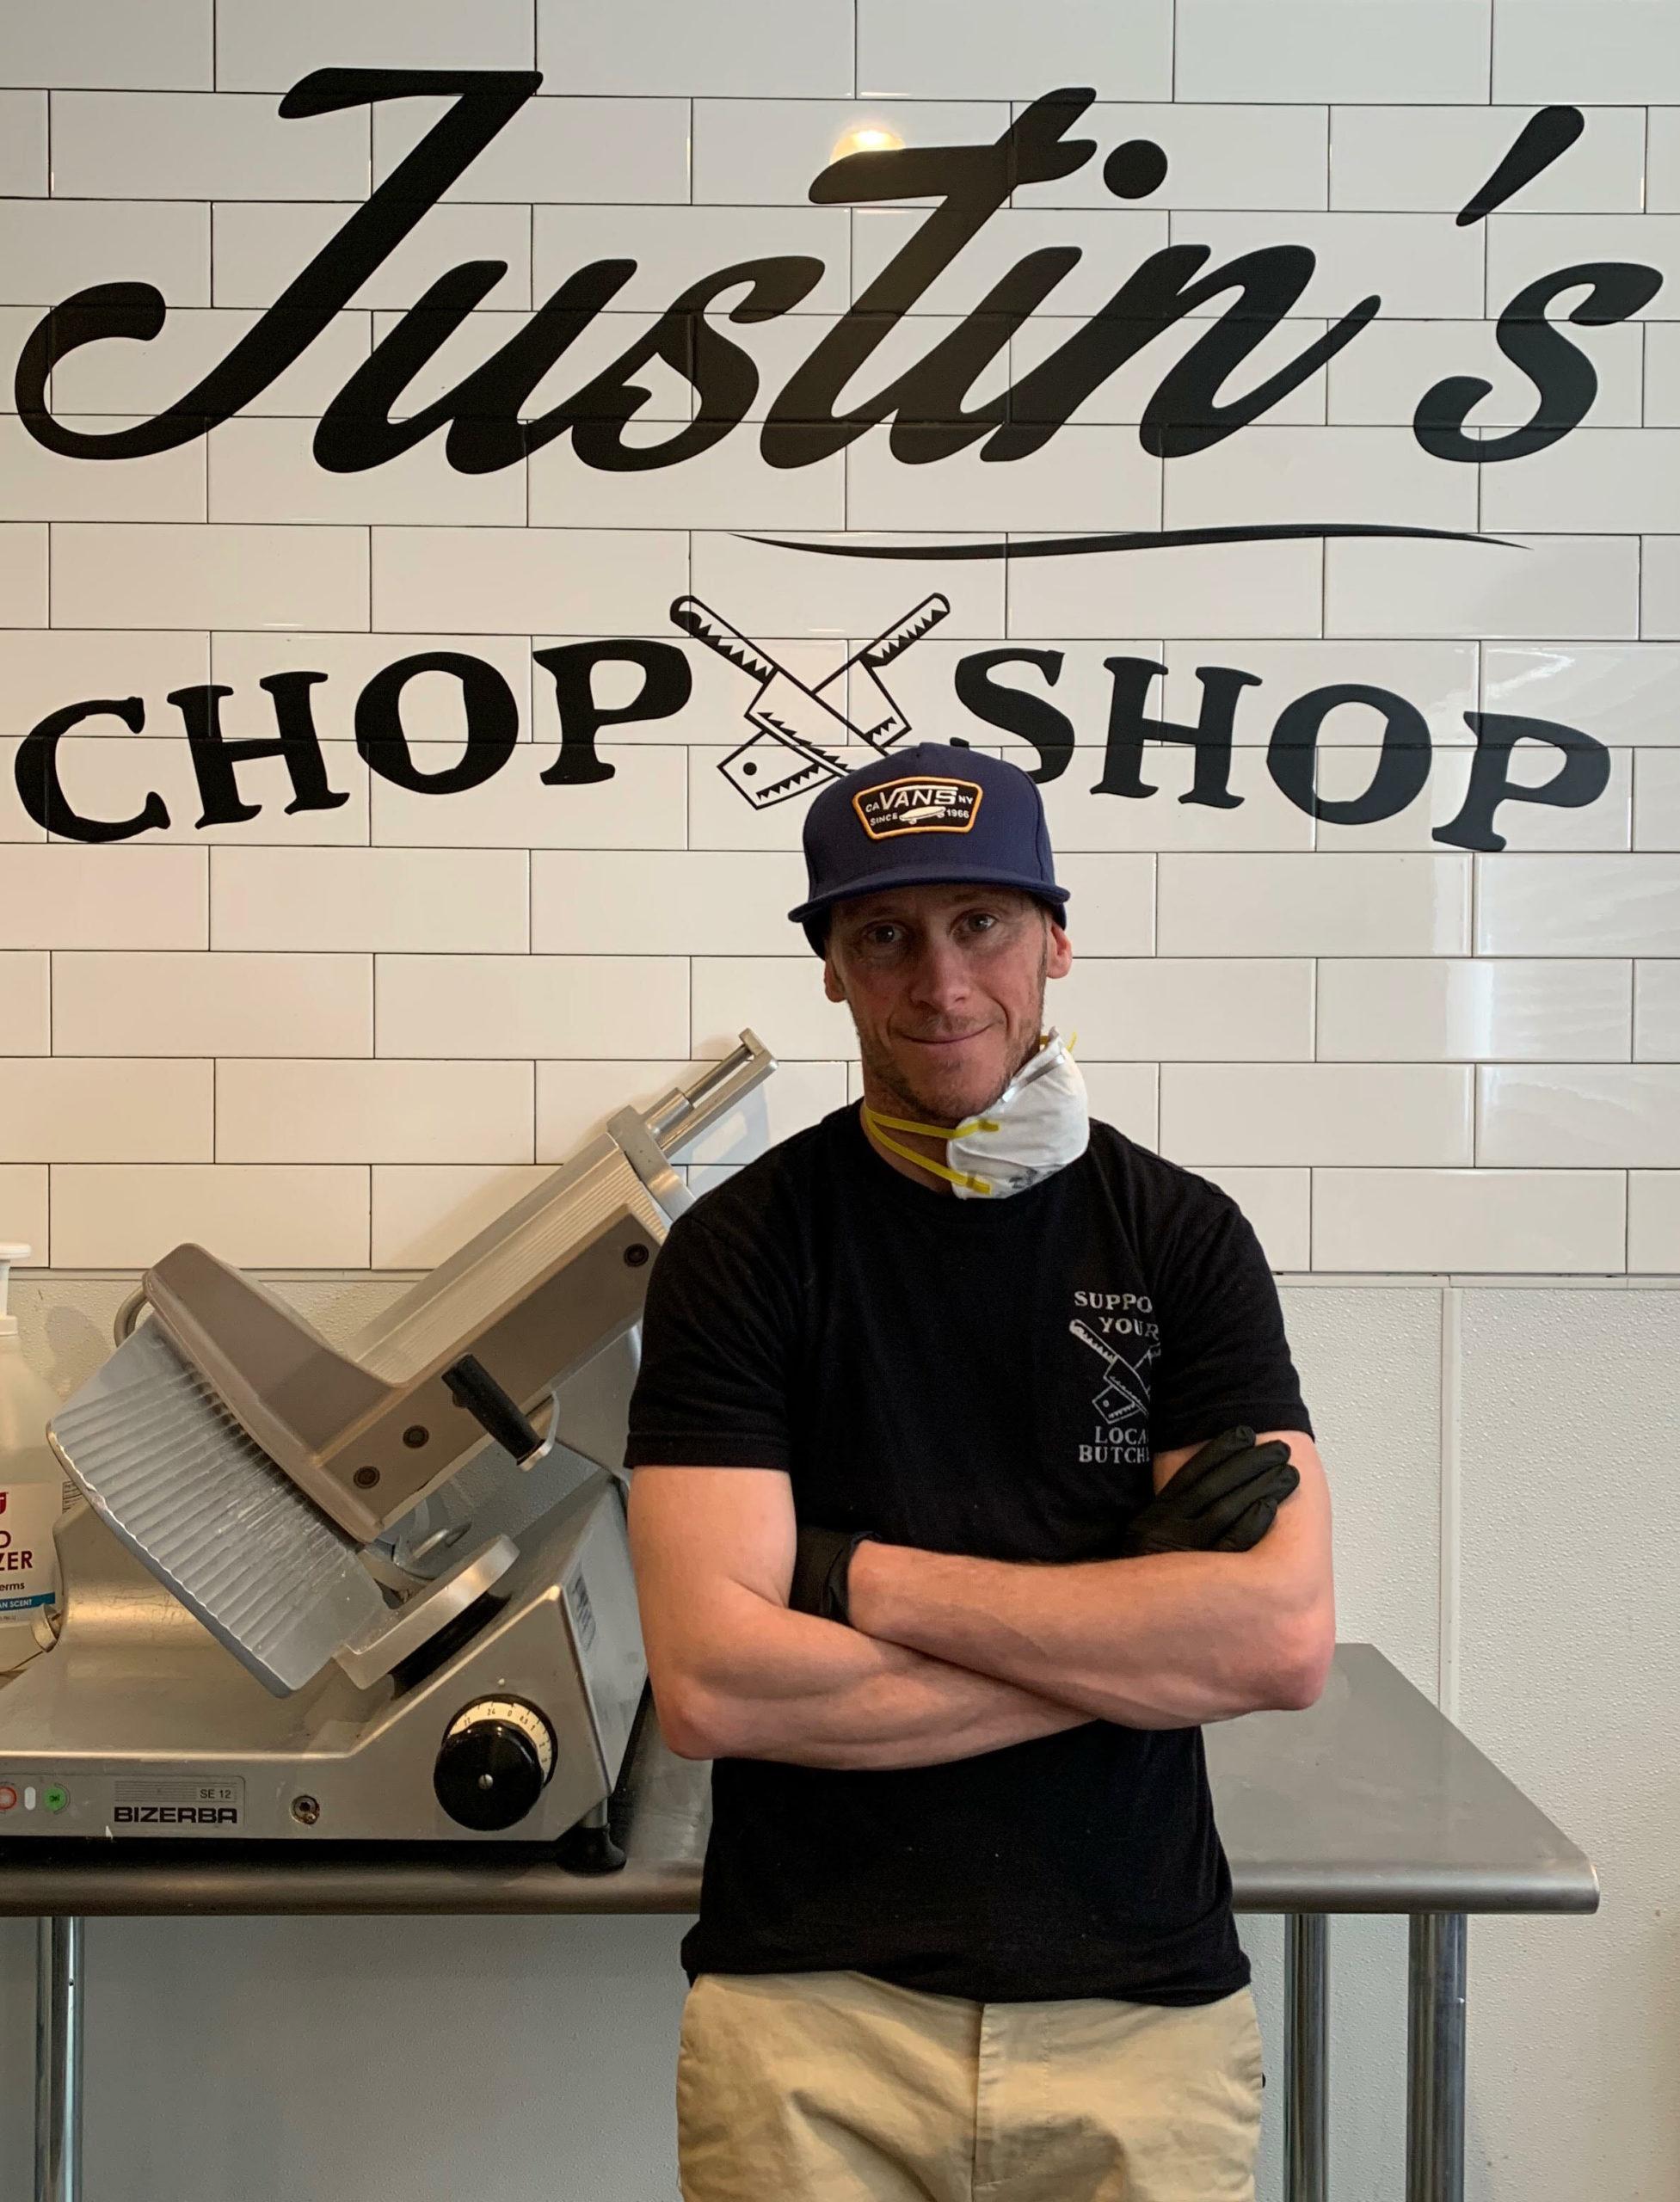 Justin DeMarco at Justin's Chop Shop.